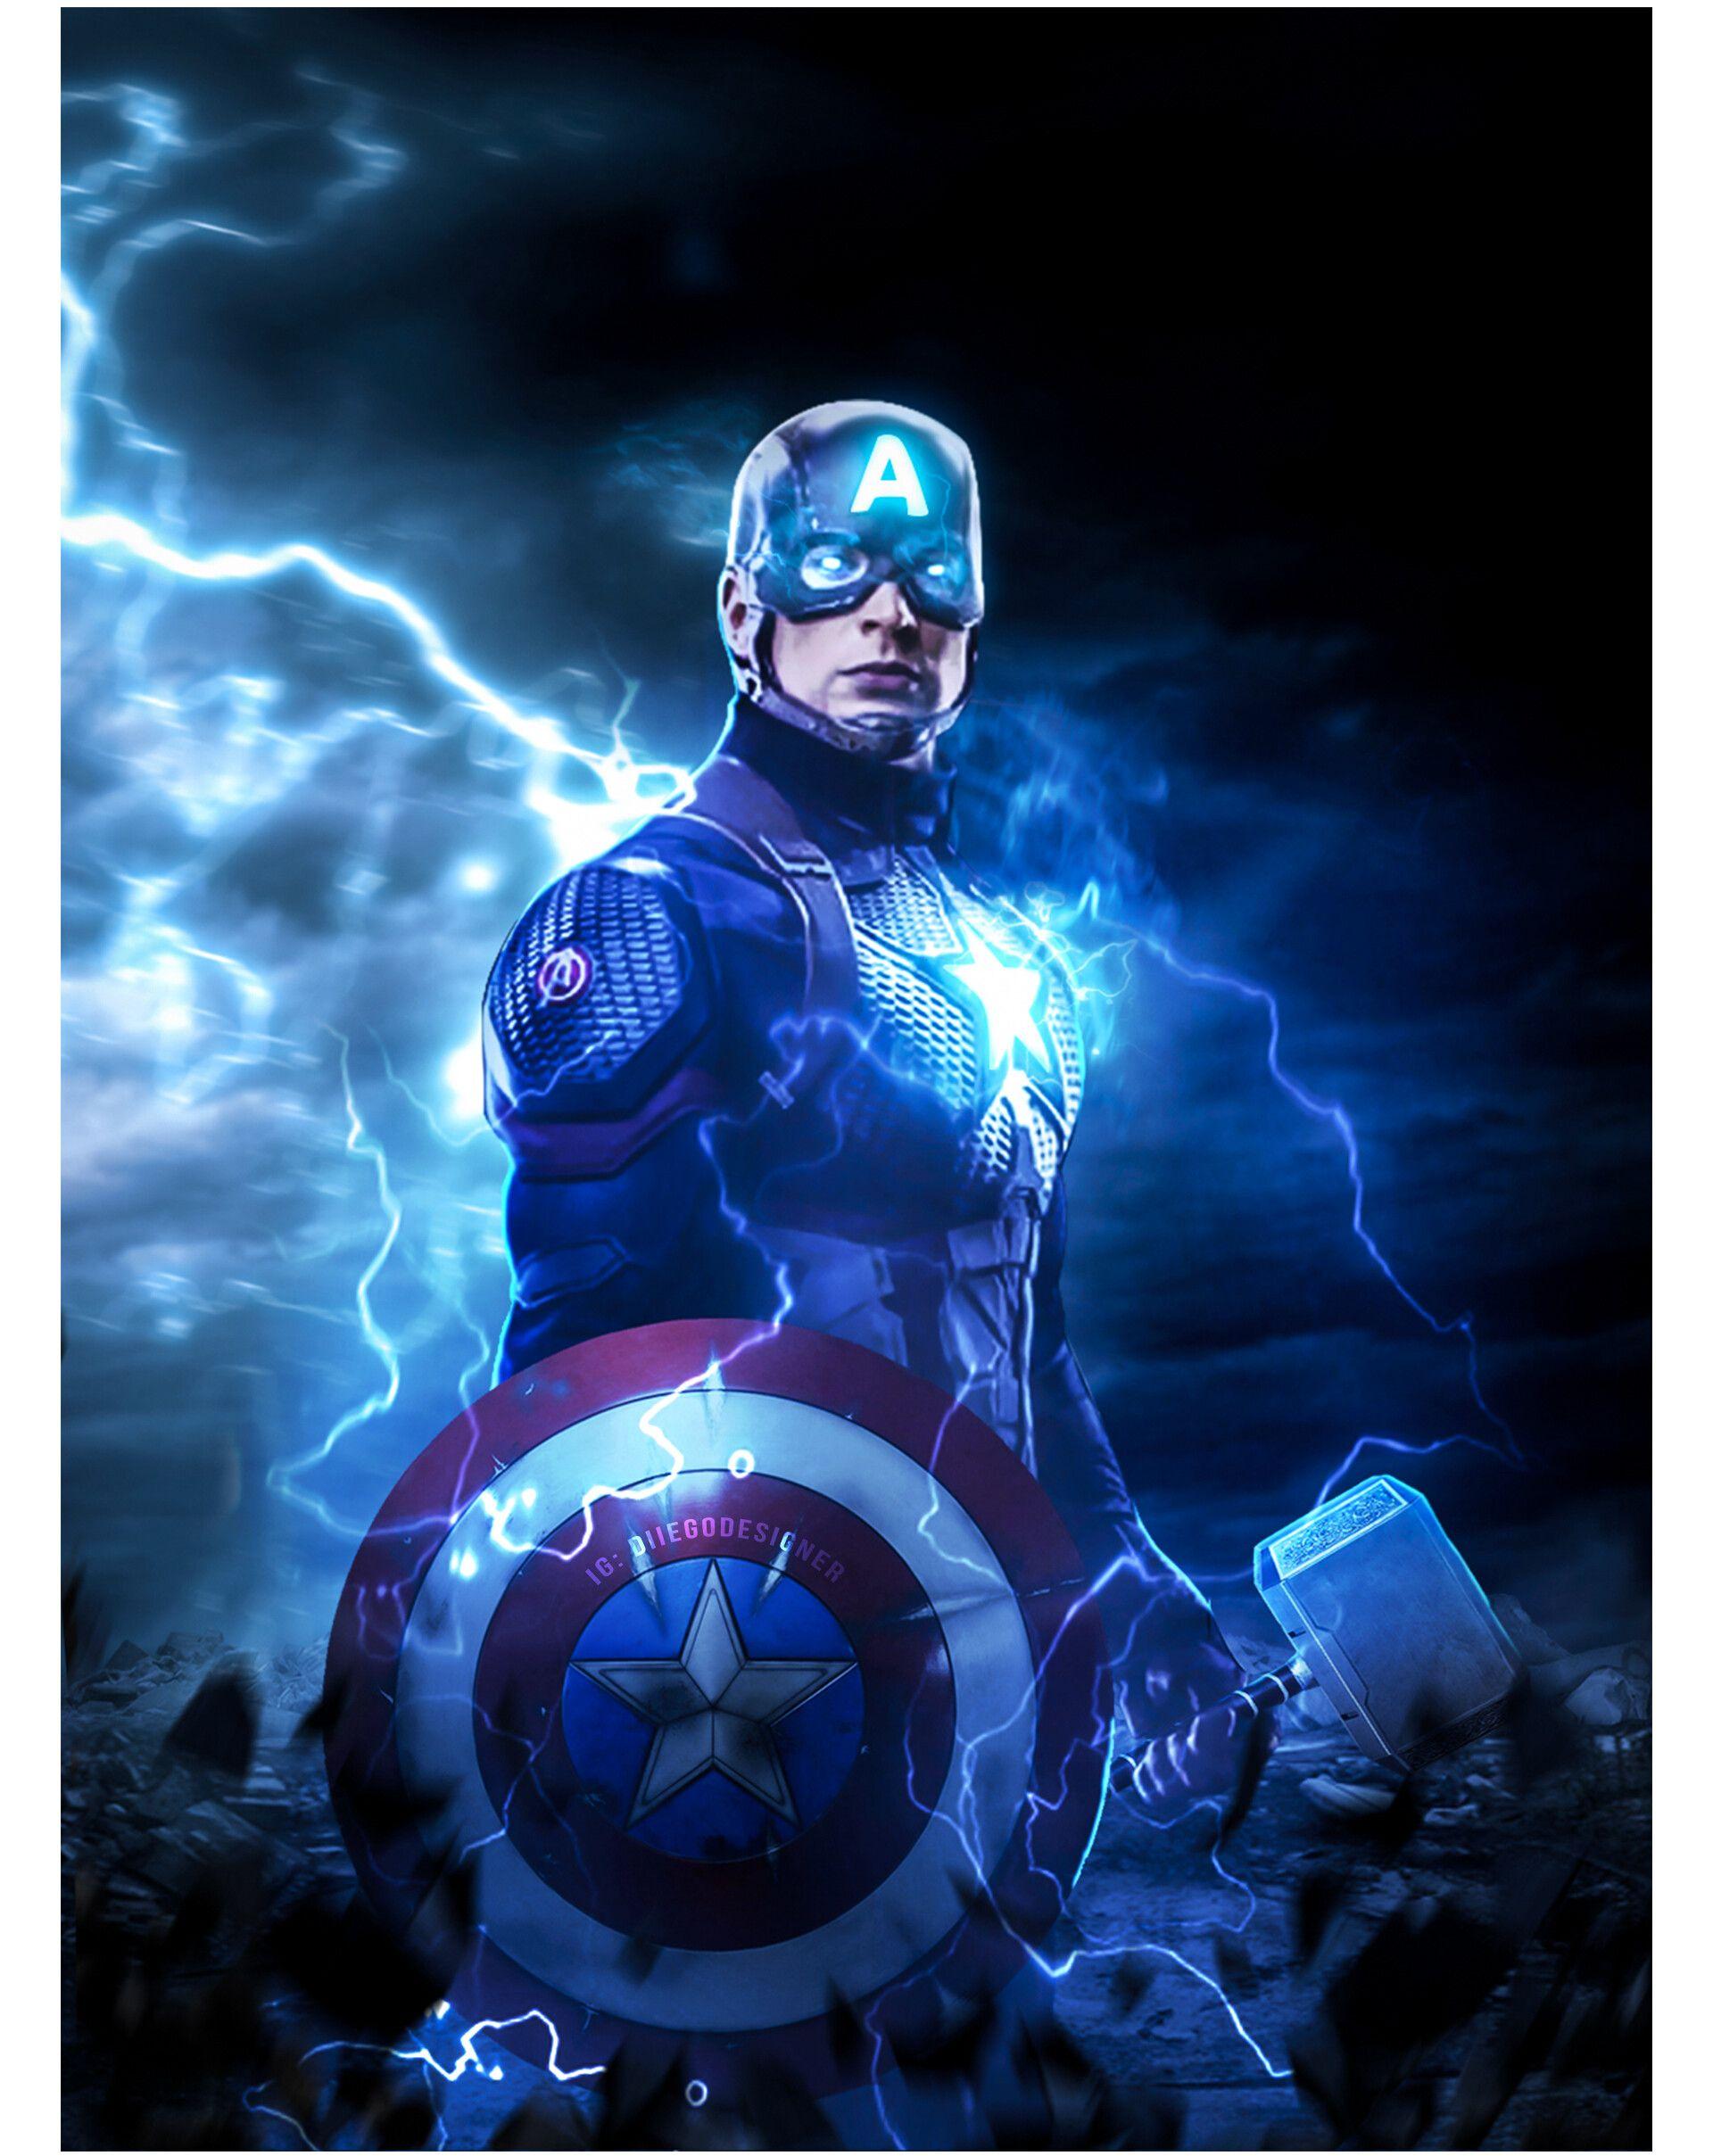 End Game Captain America Mjolnir Captain America Wallpaper Marvel Comics Wallpaper Thor Wallpaper